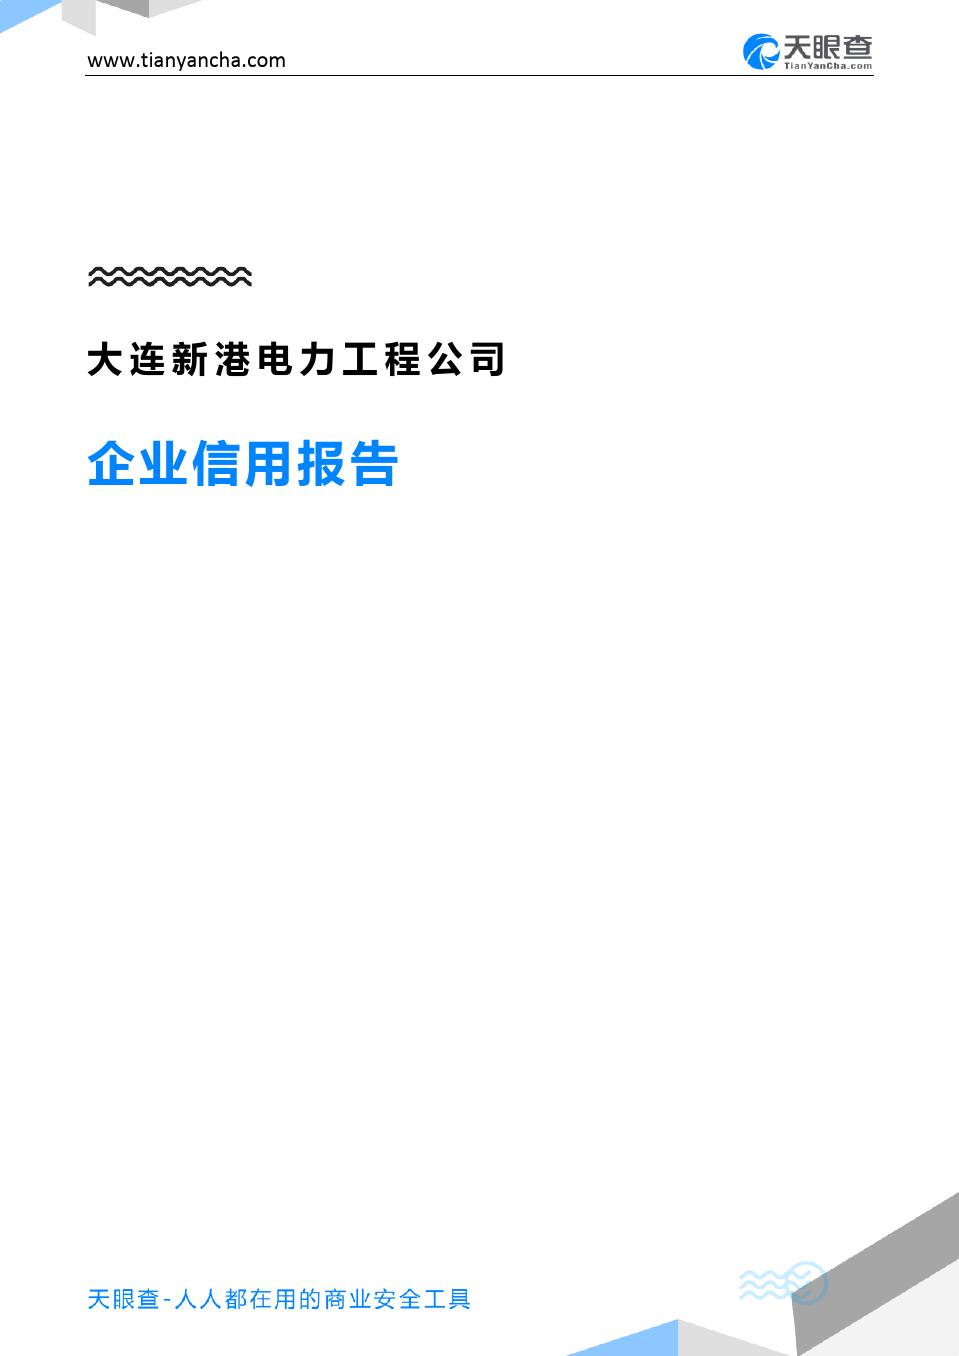 大连新港电力工程公司(企业信用报告)- 天眼查